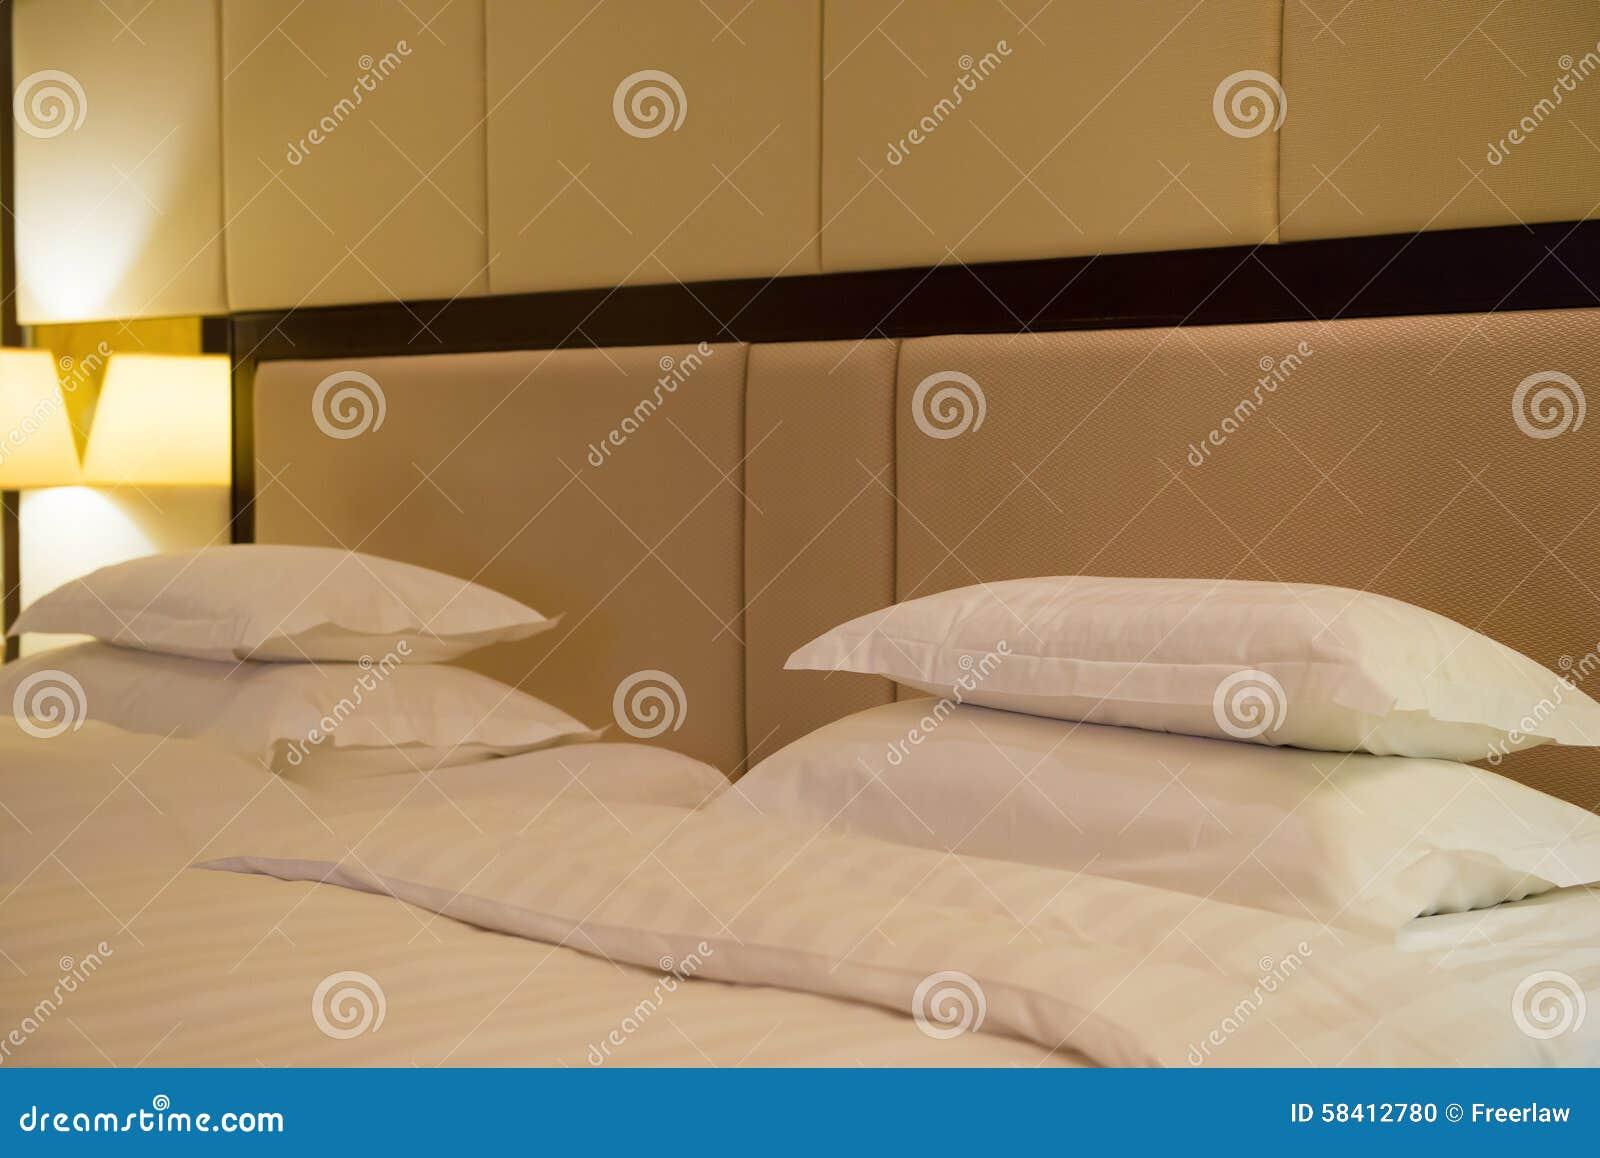 Πλάγια όψη δύο κρεβατιών στο δωμάτιο ξενοδοχείου